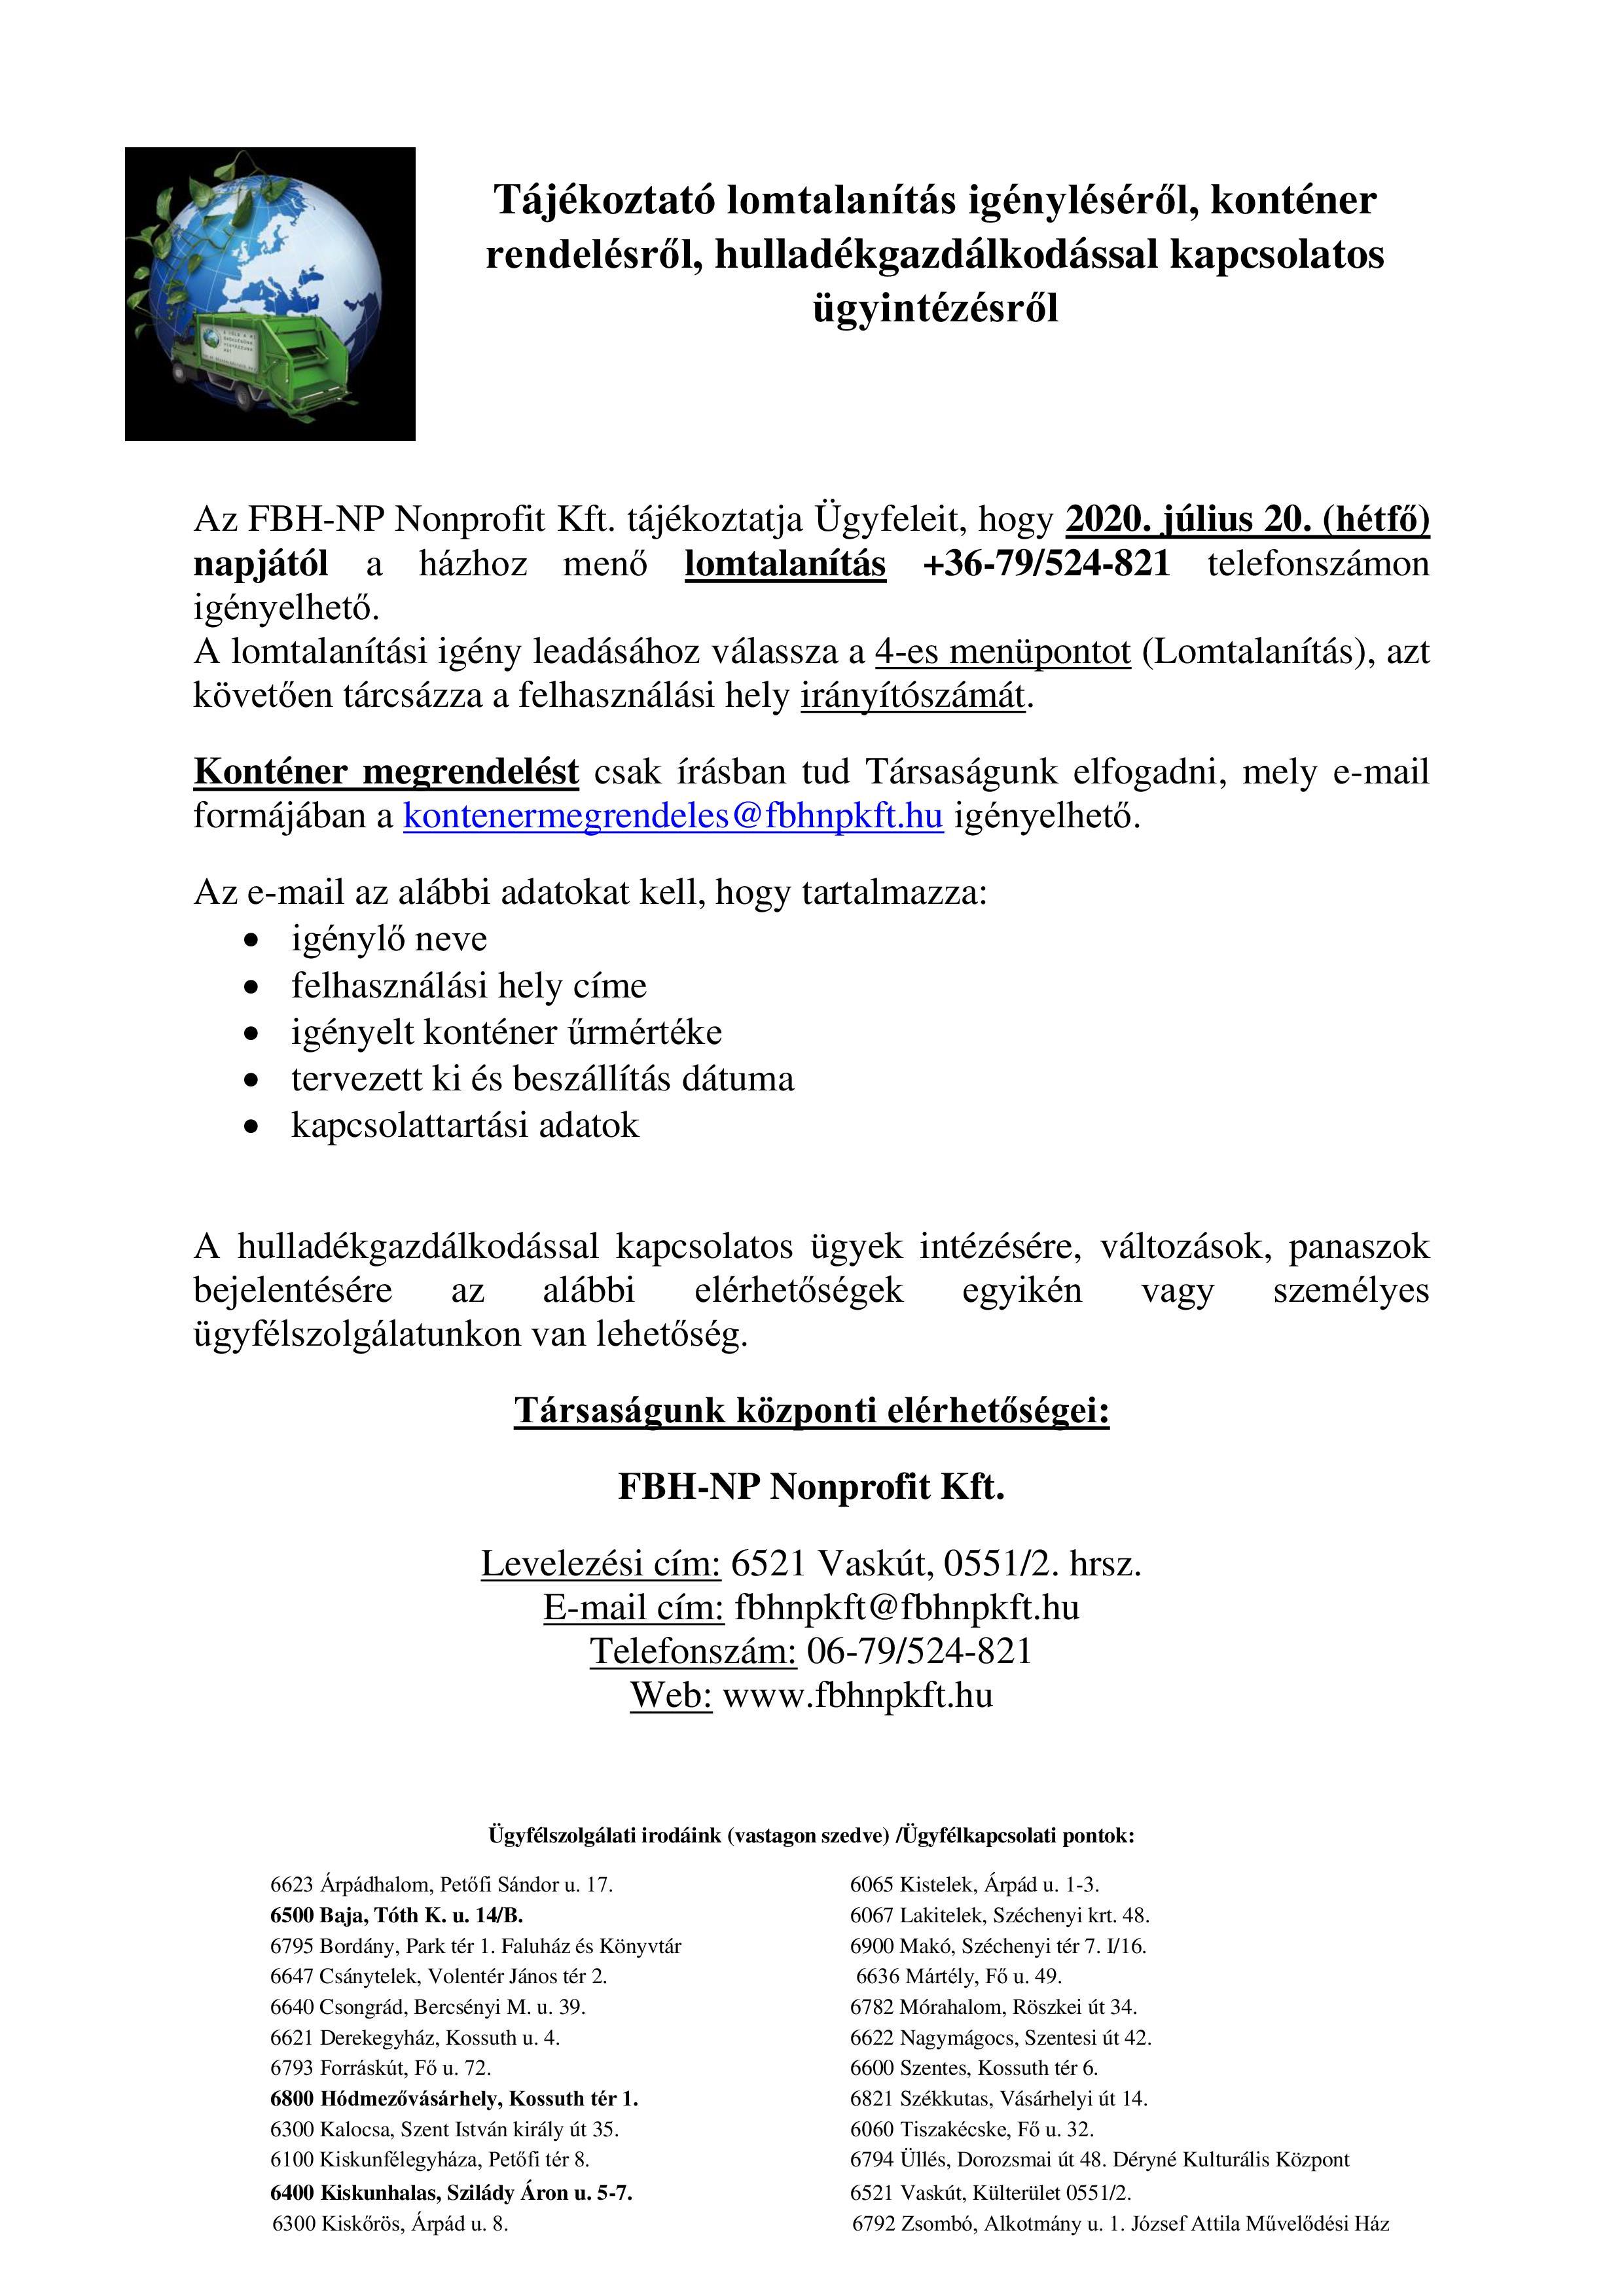 Tájékoztatás lomtalanítás változásról 07.20